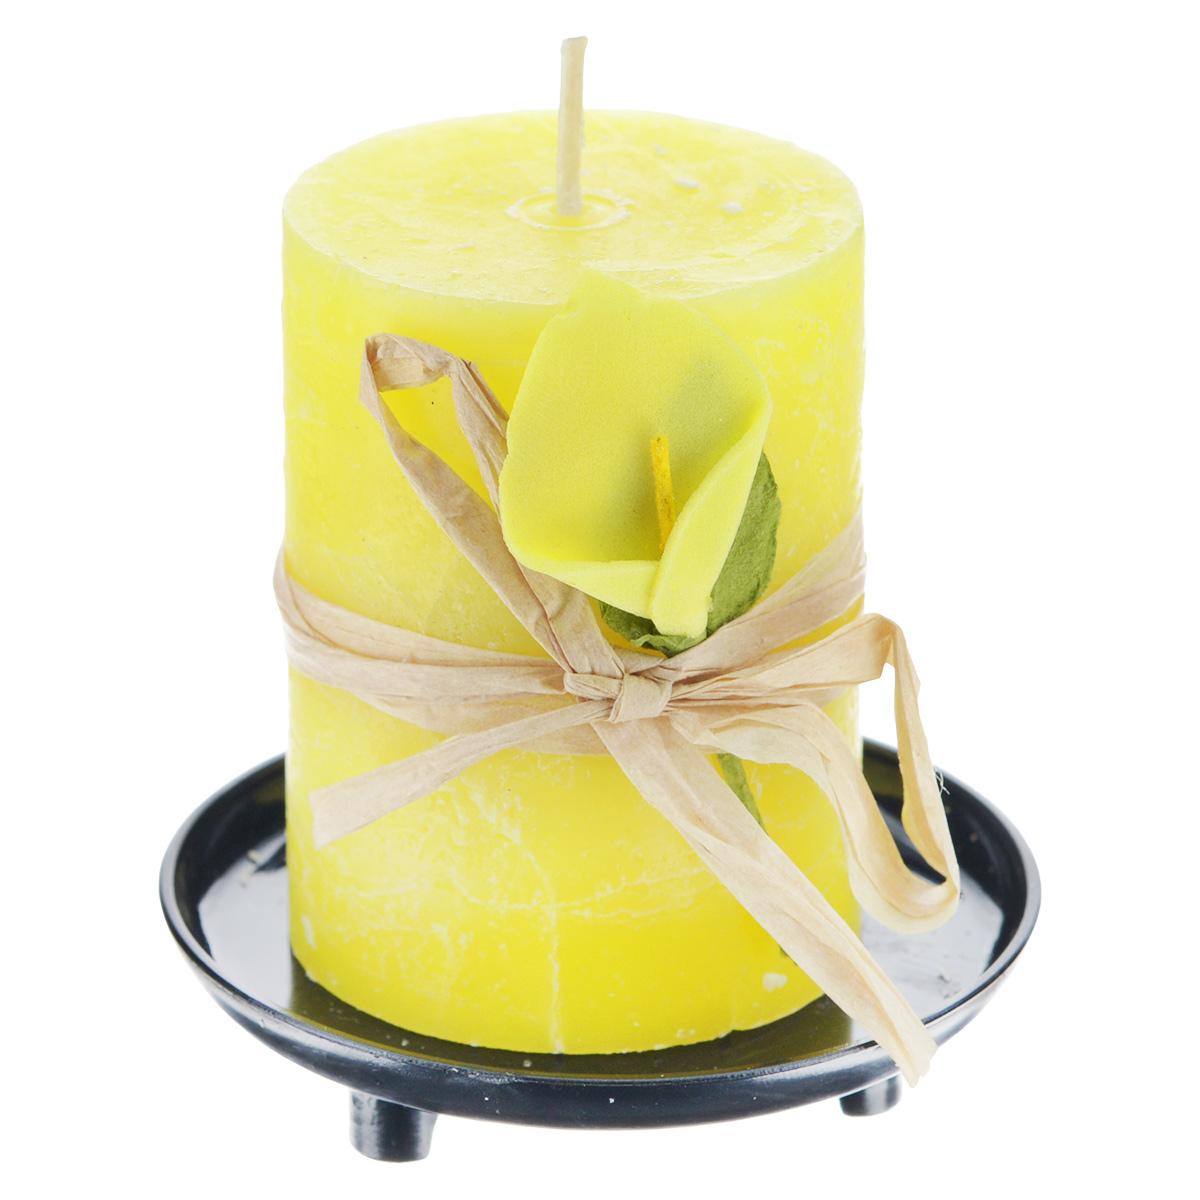 Свеча ароматизированная Sima-land Манго, на подставке, высота 6 смPARIS 75015-8C ANTIQUEСвеча Sima-land Манго выполнена из воска в виде столбика. Свеча порадует ярким дизайном и насыщенным ароматом манго, который понравится как женщинам, так и мужчинам. Изделие размещено на оригинальной пластиковой подставке.Создайте для себя и своих близких незабываемую атмосферу праздника в доме. Ароматическая свеча Sima-land Манго раскрасит серые будни яркими красками.Высота свечи (без учета подставки): 6 см. Высота подставки: 1,5 см.